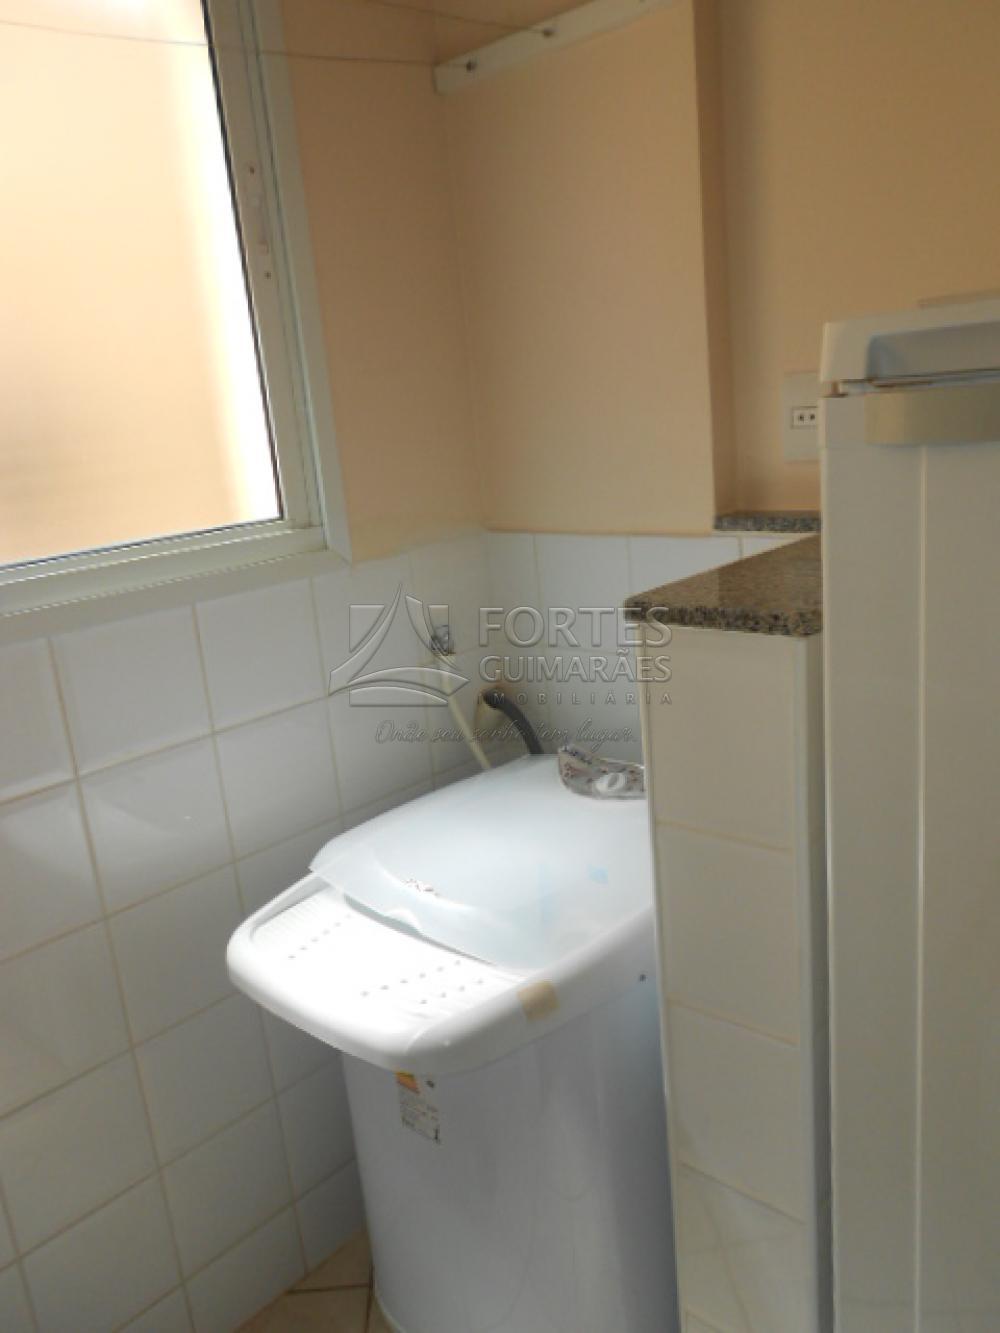 Alugar Apartamentos / Mobiliado em Ribeirão Preto apenas R$ 900,00 - Foto 24